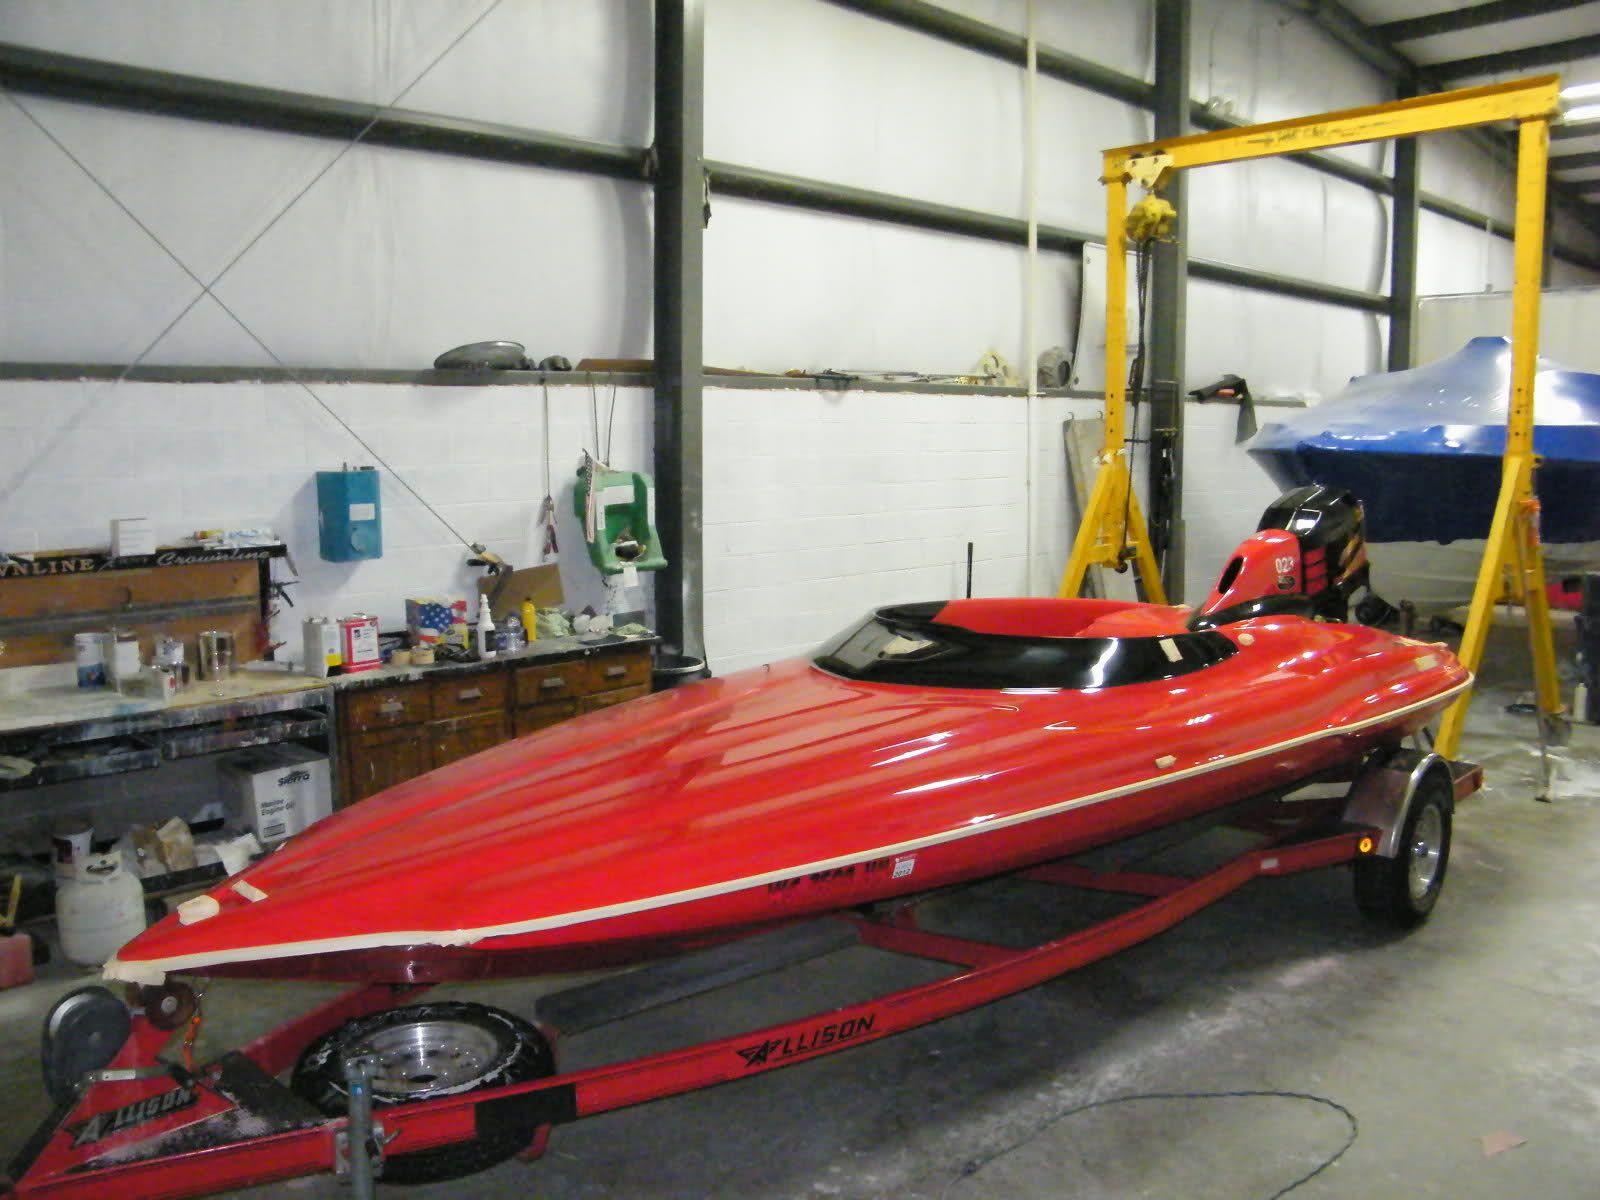 Allison boats power boats speed boats boat dock